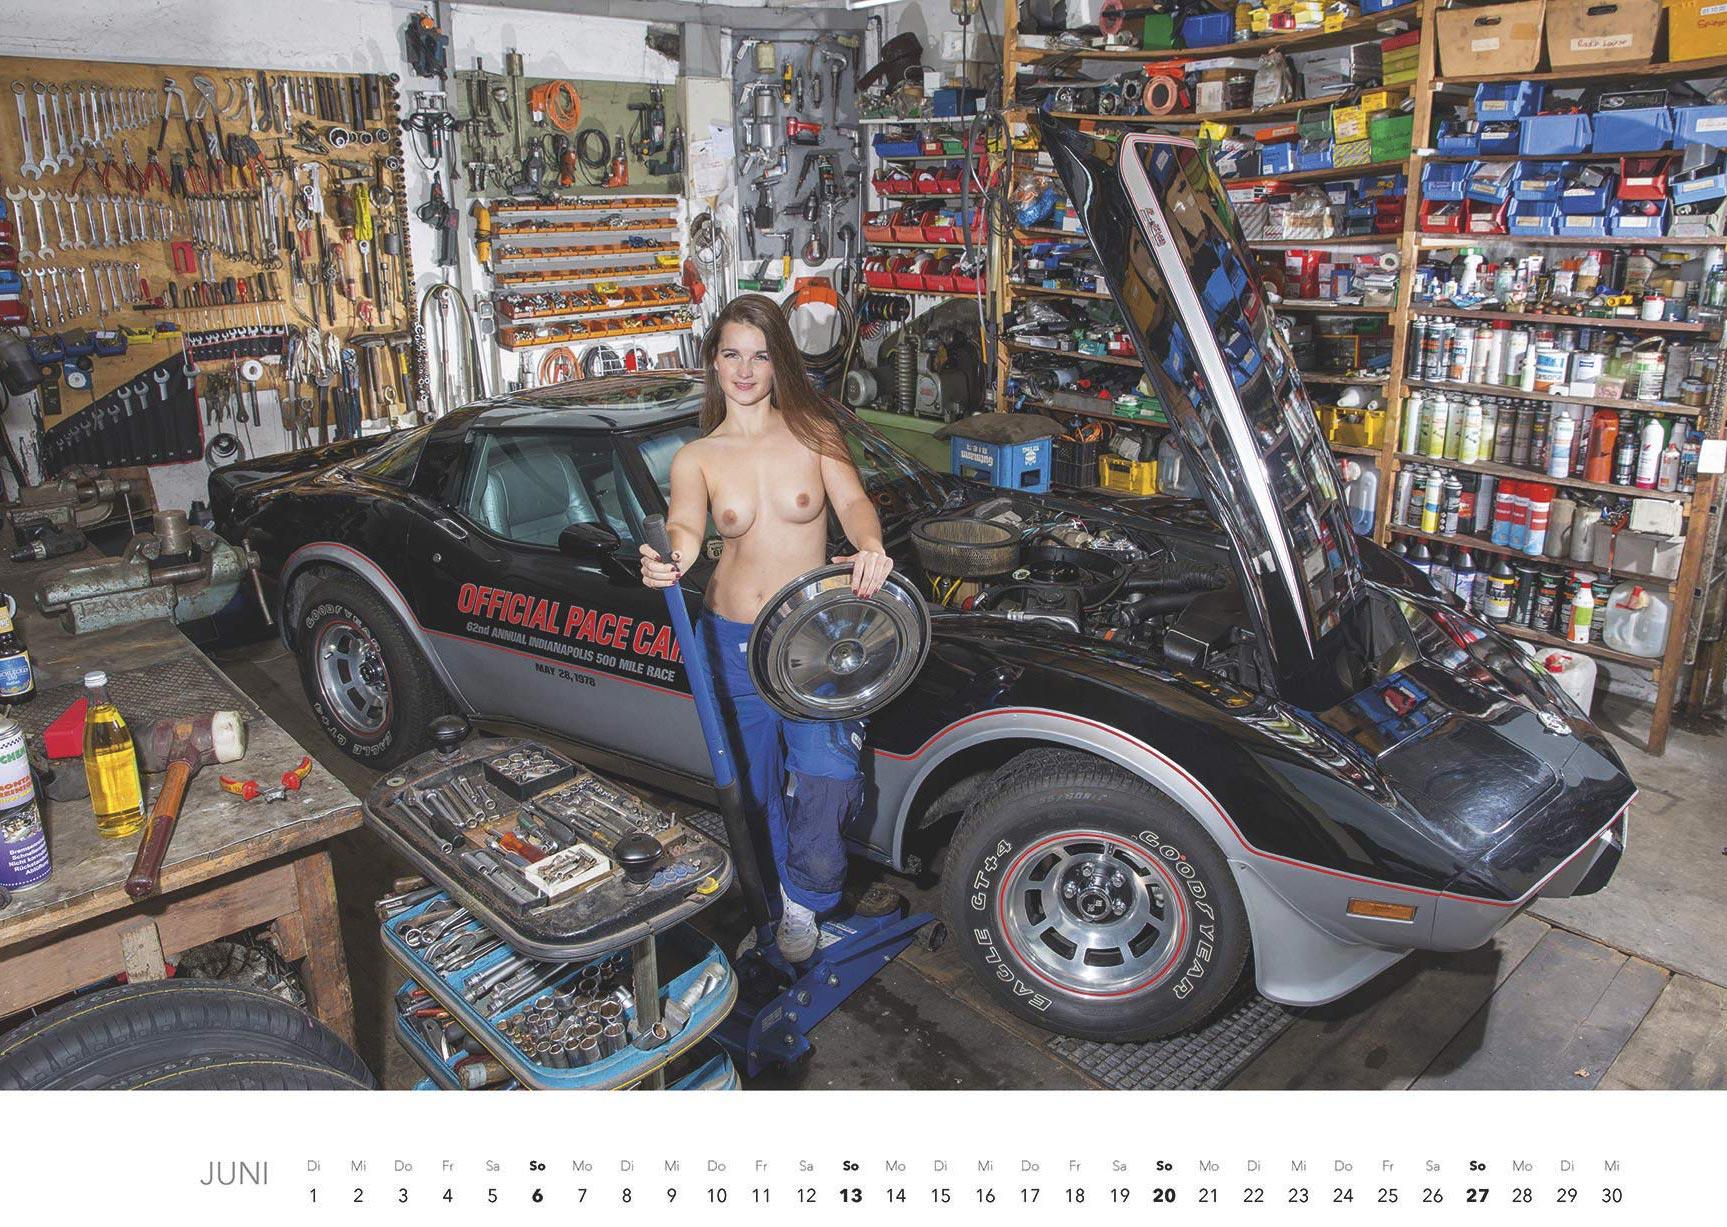 Эротический авто-календарь -Отвертка мечты 2021- / июнь